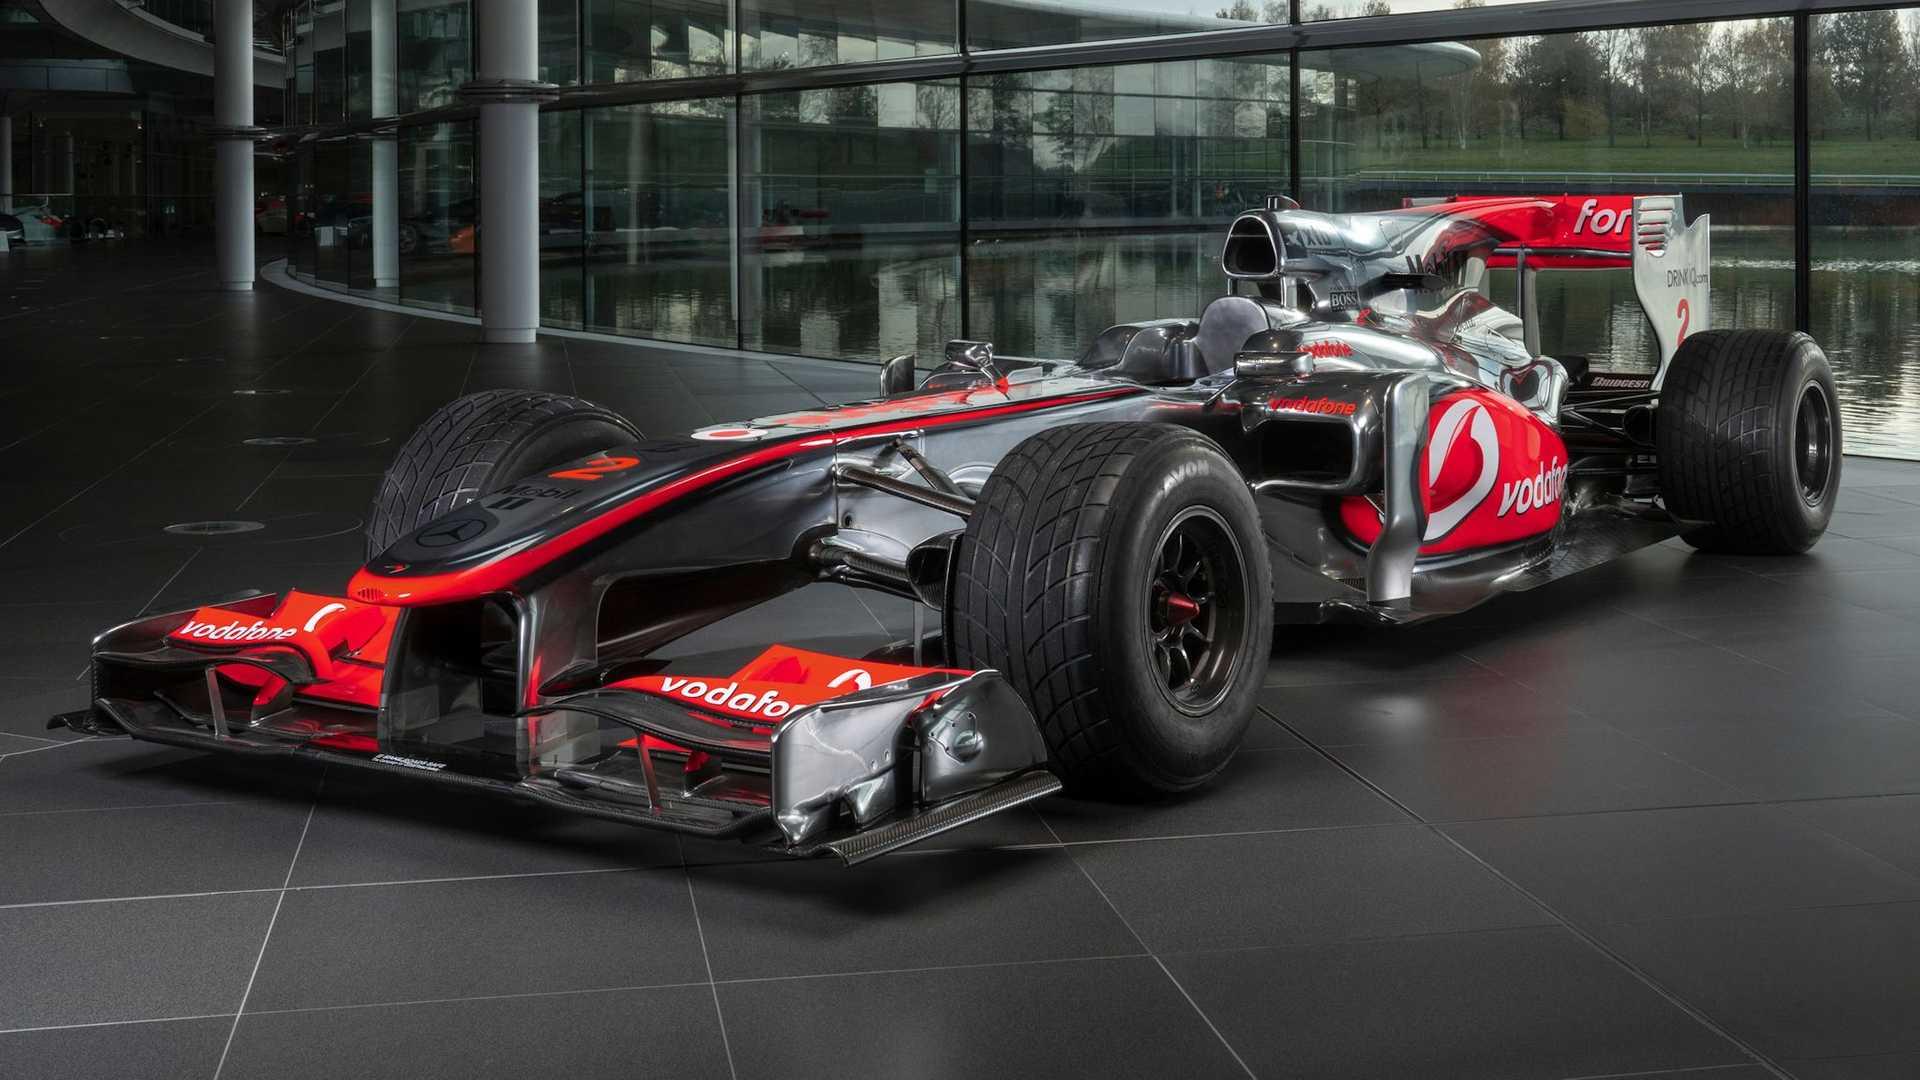 Lewis-Hamilton-McLaren-MP4-25A-auction-1